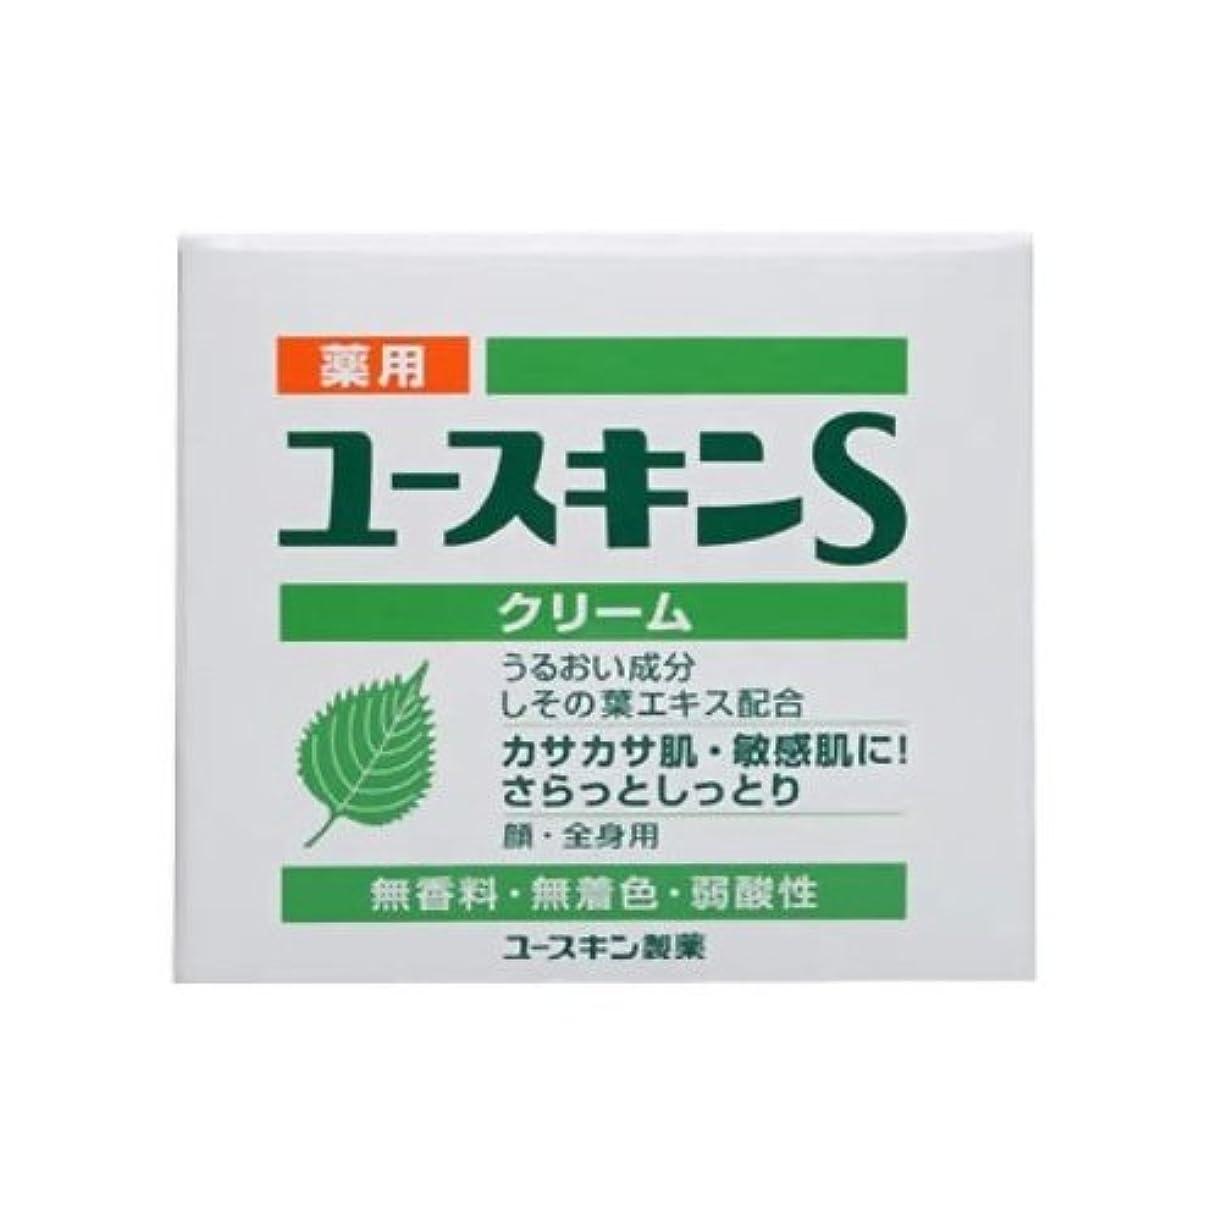 嫌いを必要としていますマイクロプロセッサ薬用ユースキンS クリーム 70g (敏感肌用 保湿クリーム) 【医薬部外品】